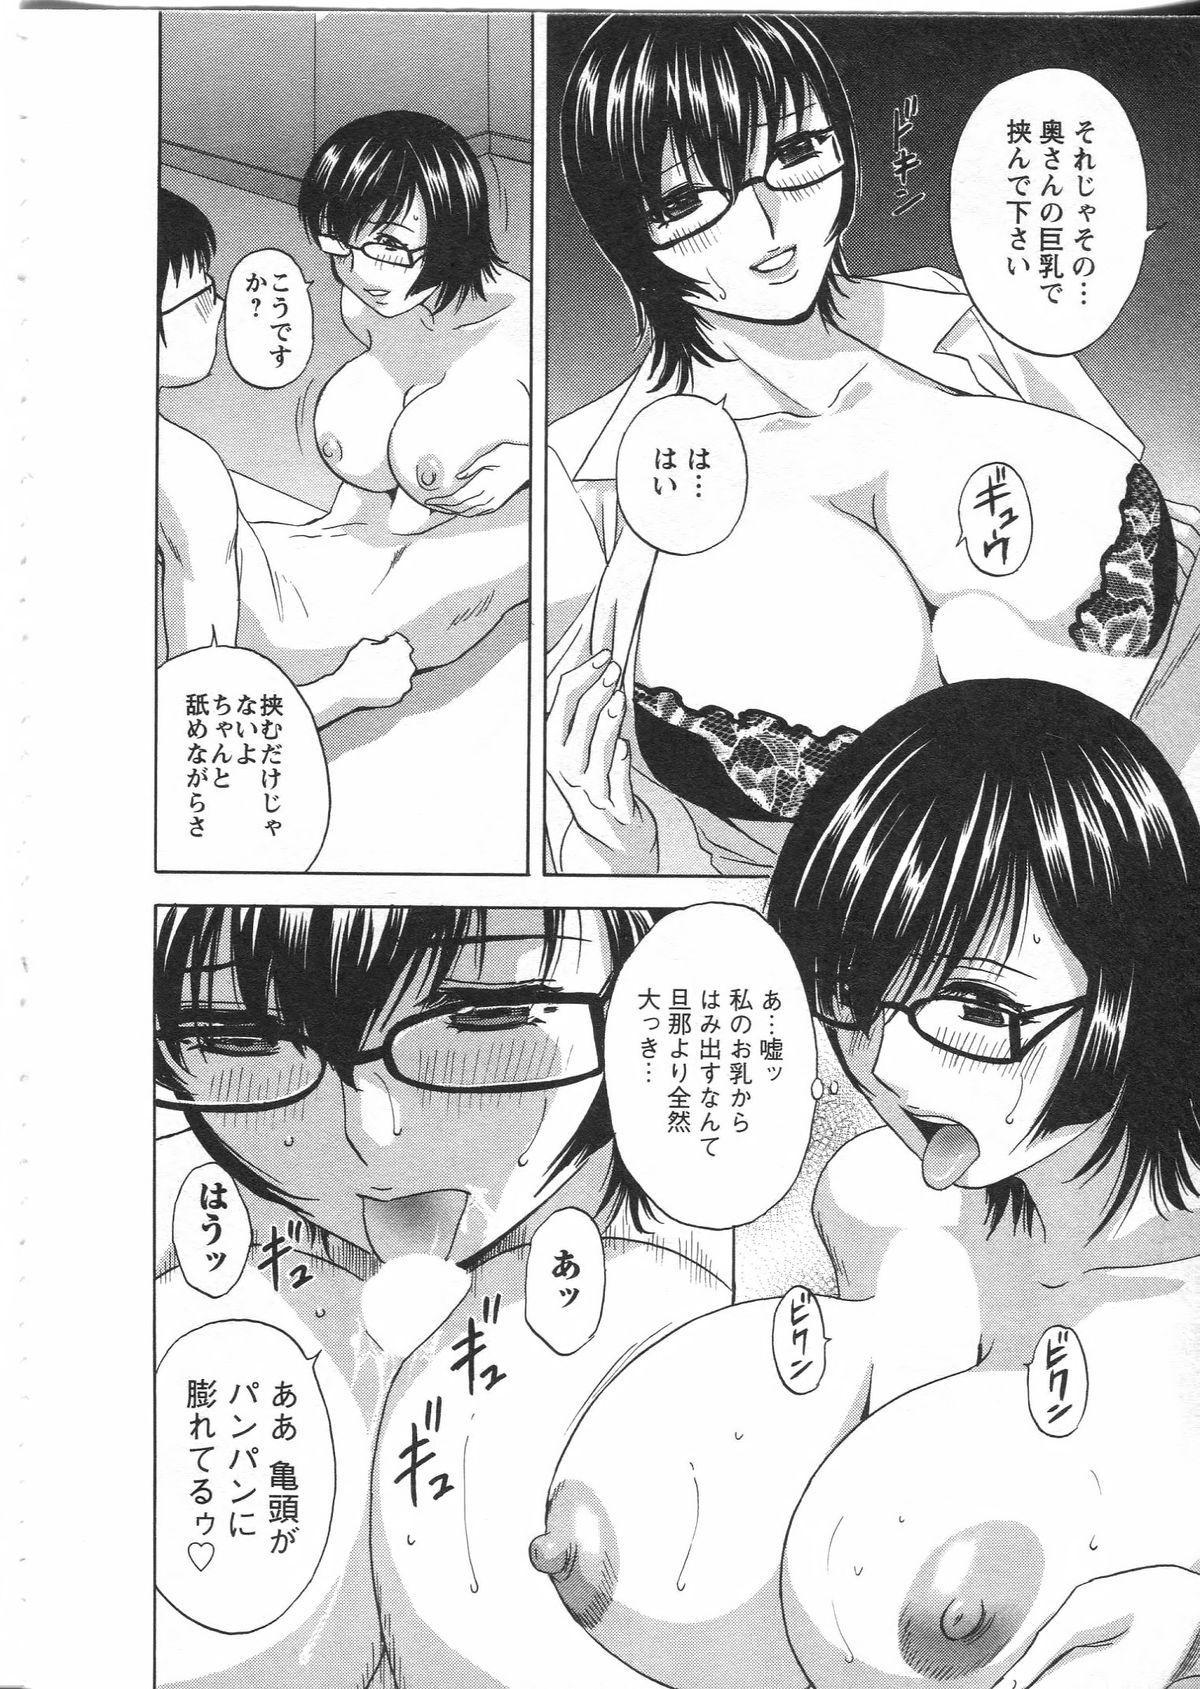 Manga no youna Hitozuma to no Hibi - Days with Married Women such as Comics. 109